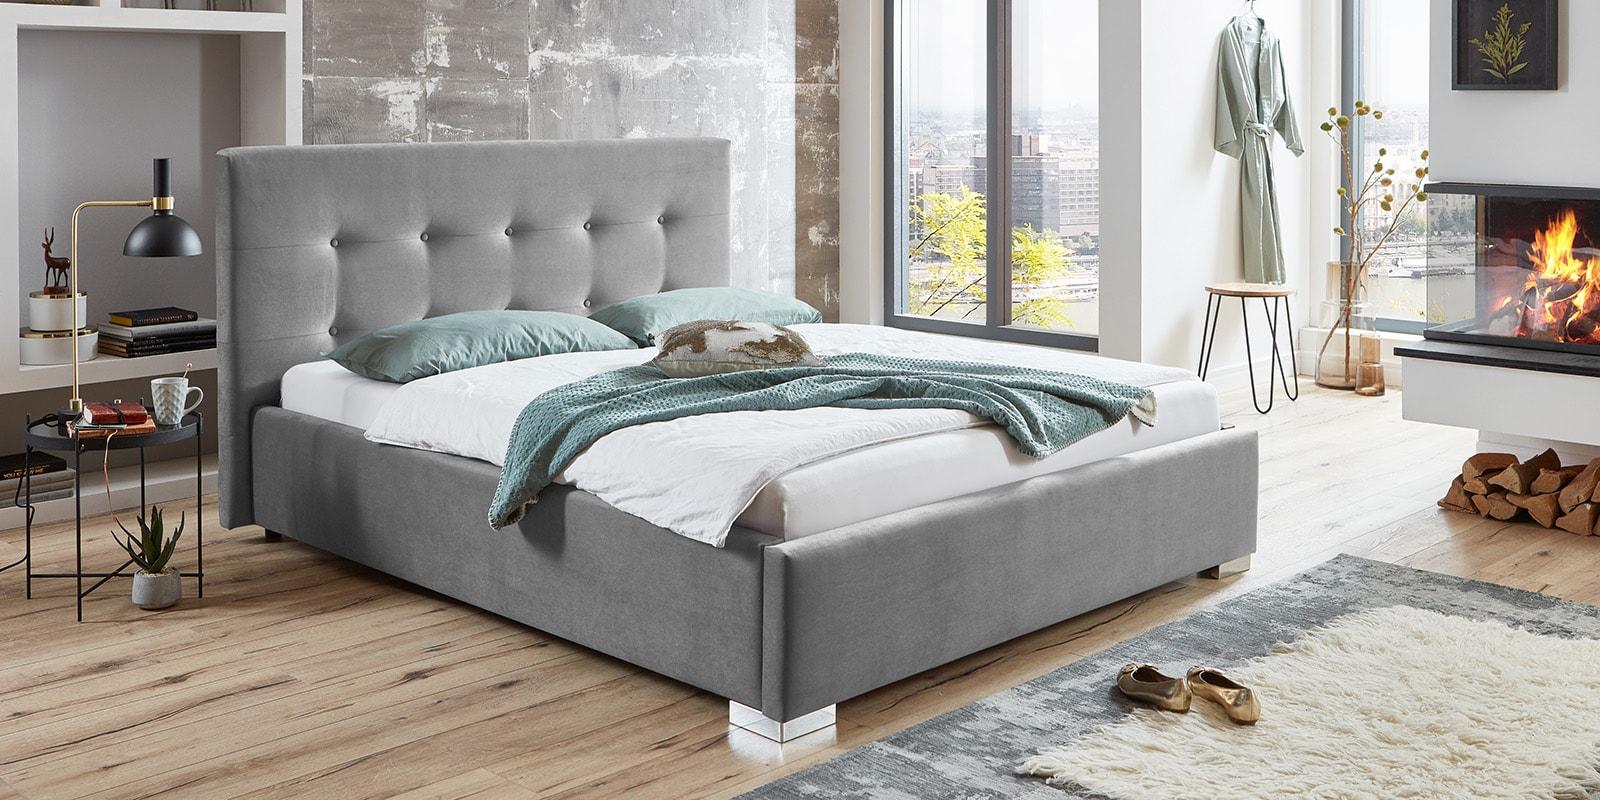 Moebella24 - Bett - mit - Bettkasten - Betty - Samt - Grau - Stauraum - Kopfteil - mit - Knopfheftung - Von - vorne - links